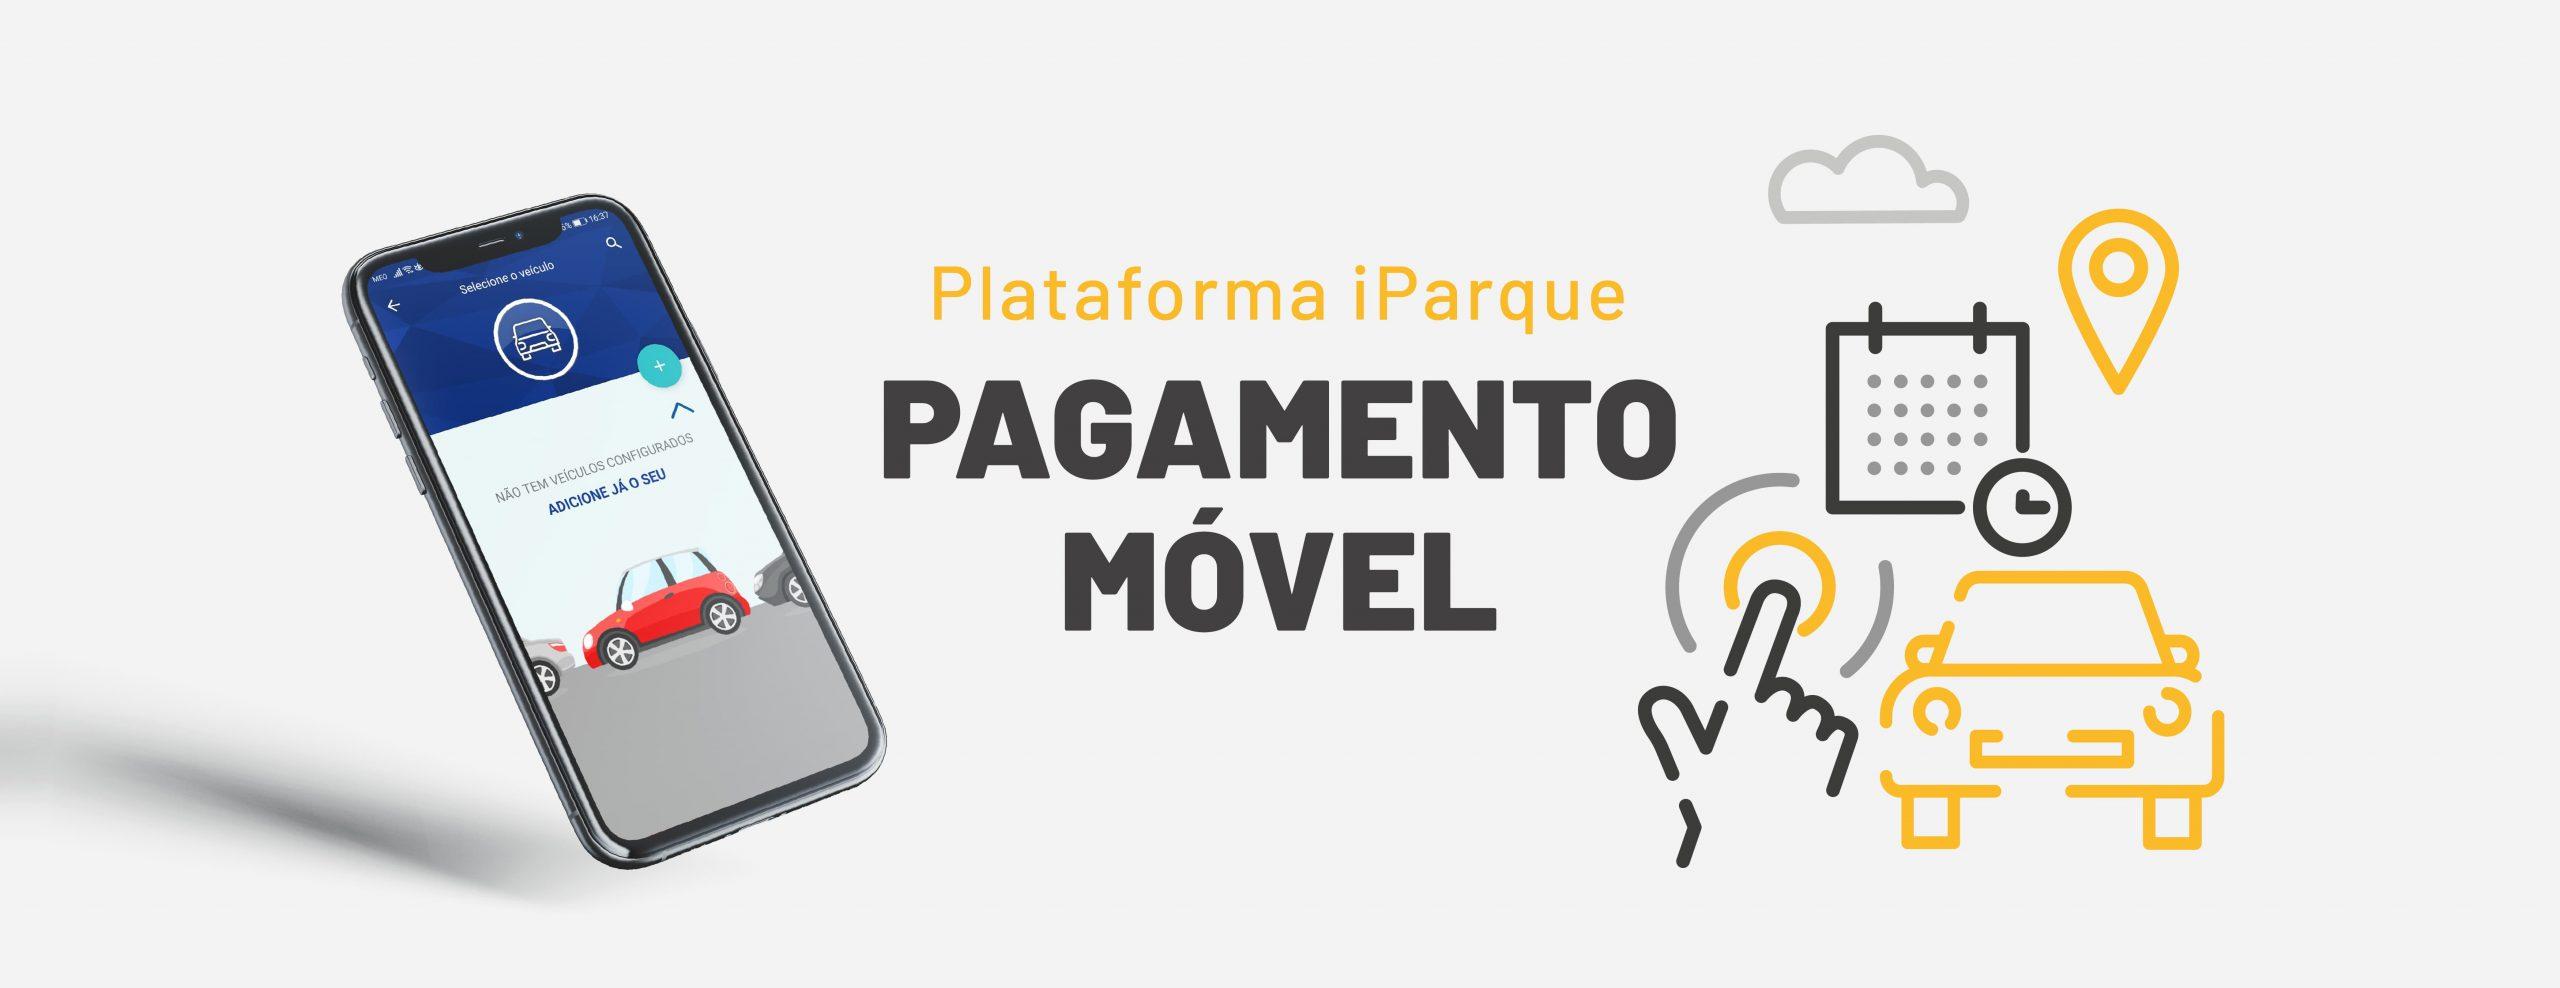 Pagamento Móvel – Plataforma iParque